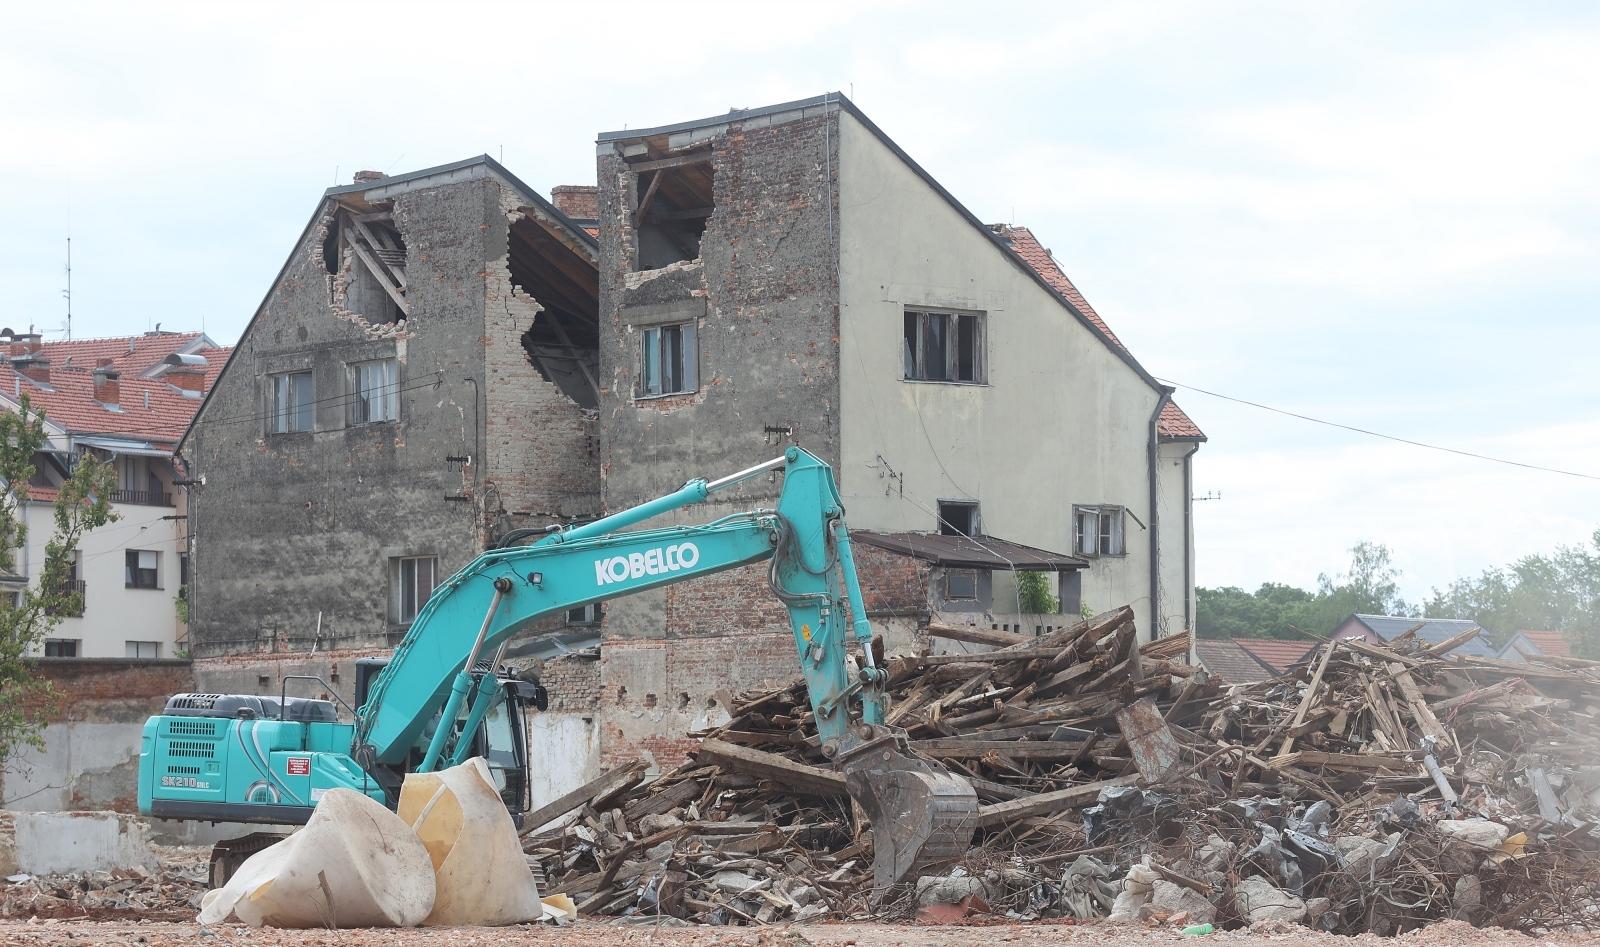 Hitno omogućiti pristup obnovi svim stambenim i gospodarskim objektima stradalima u potresu – legalizacija ne smije biti prepreka!